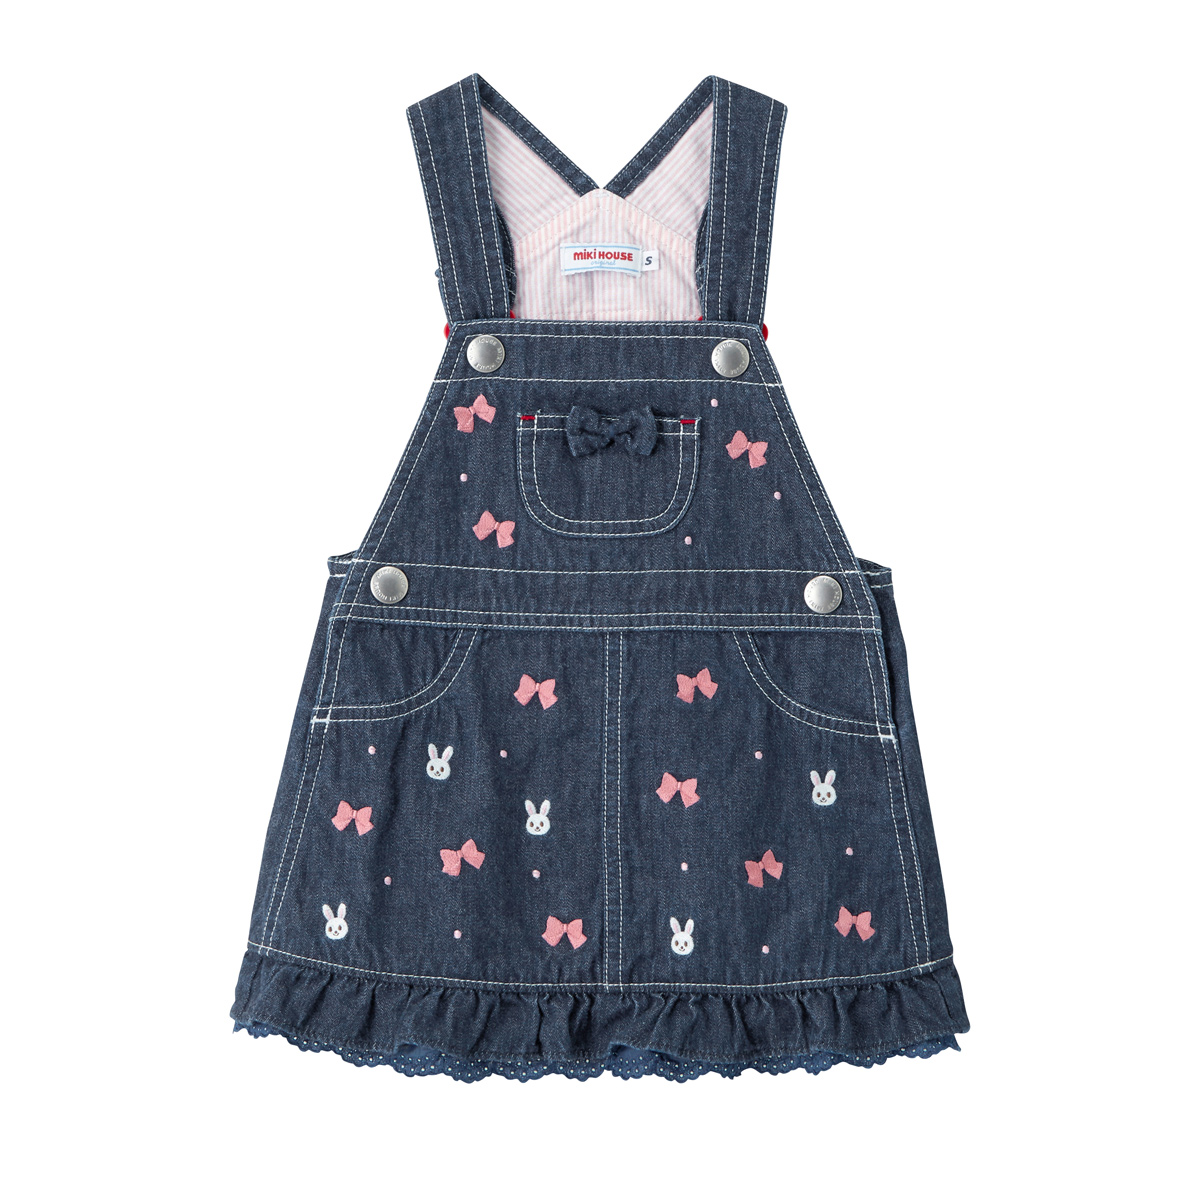 ミキハウス mikihouse プチうさこ 薄手のデニムジャンパースカート〈S-L(70cm-100cm)〉 バーゲン